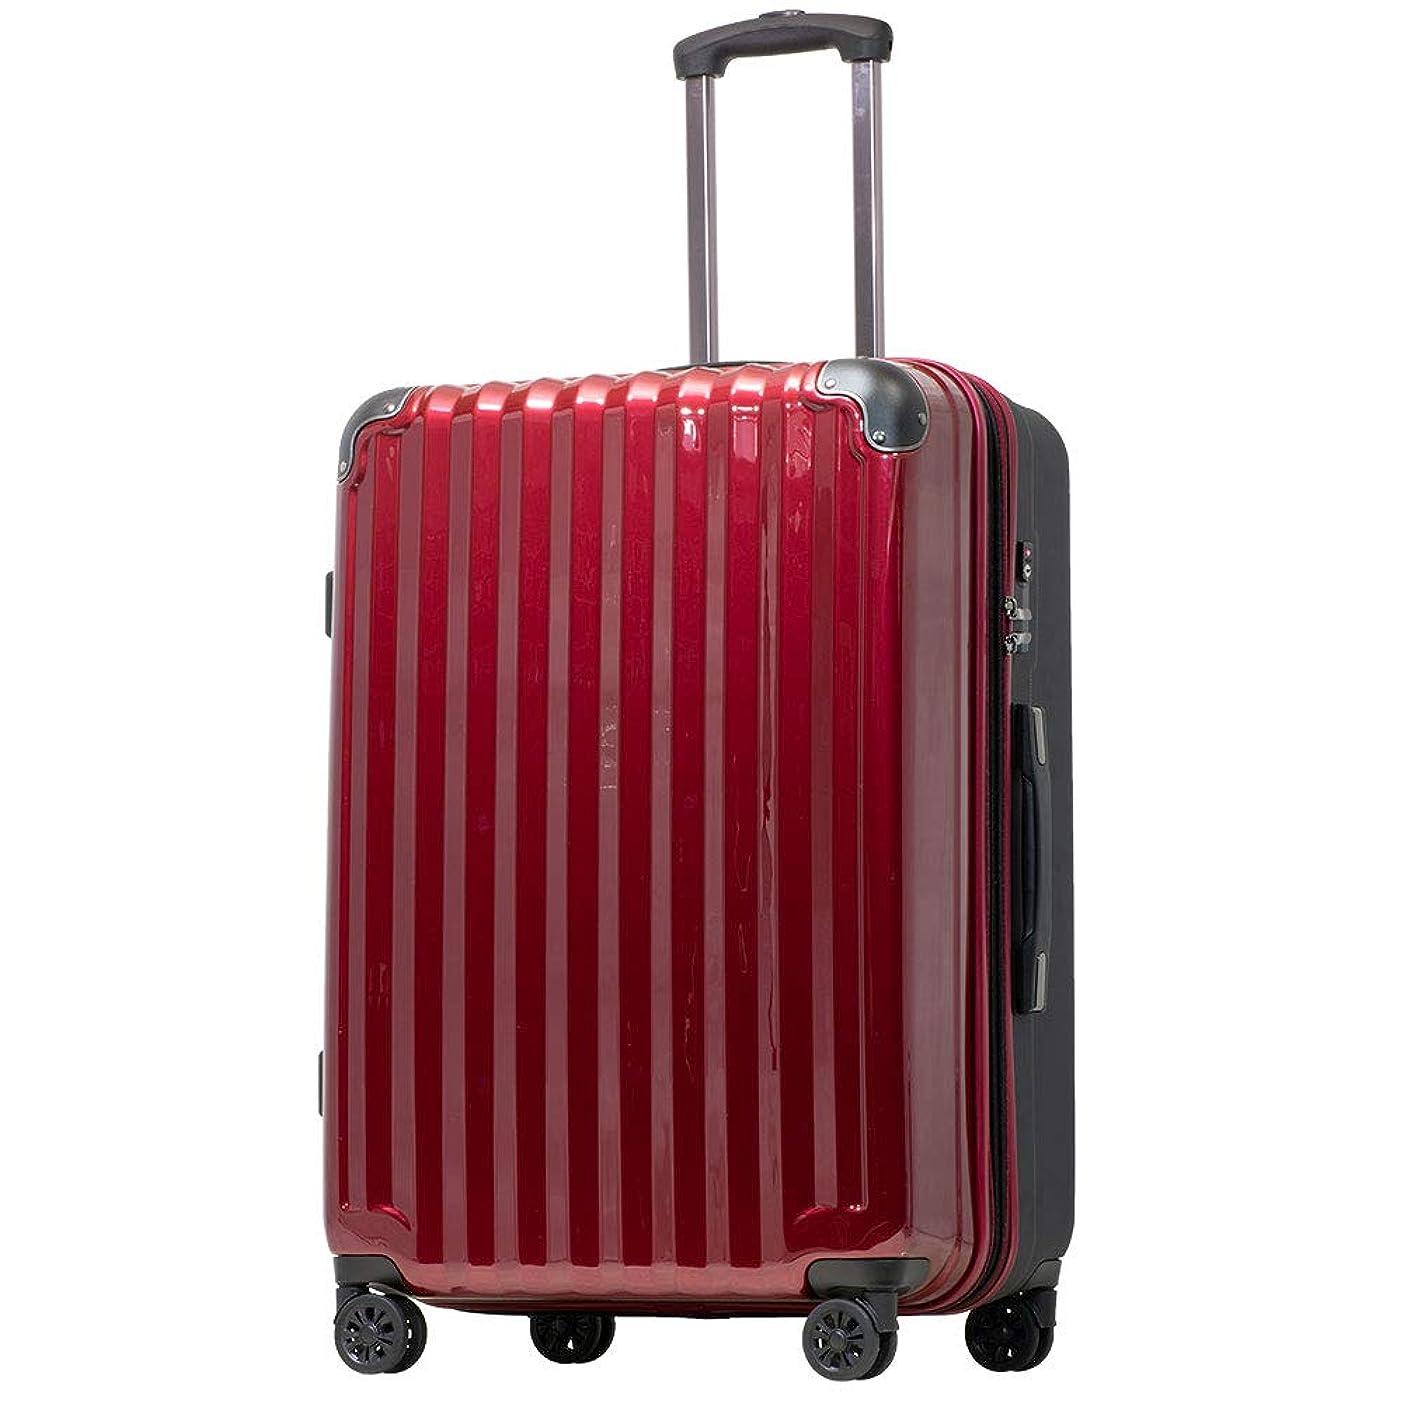 スポーツ庭園心配する【JP Design】スーツケース キャリーケース キャリーバッグ 超軽量 tsaロック 二枚仕切り 容量アップ 拡張機能付 ダブルキャスター8輪(機内持込~LL 全4サイズ)ハードキャリー ファスナー